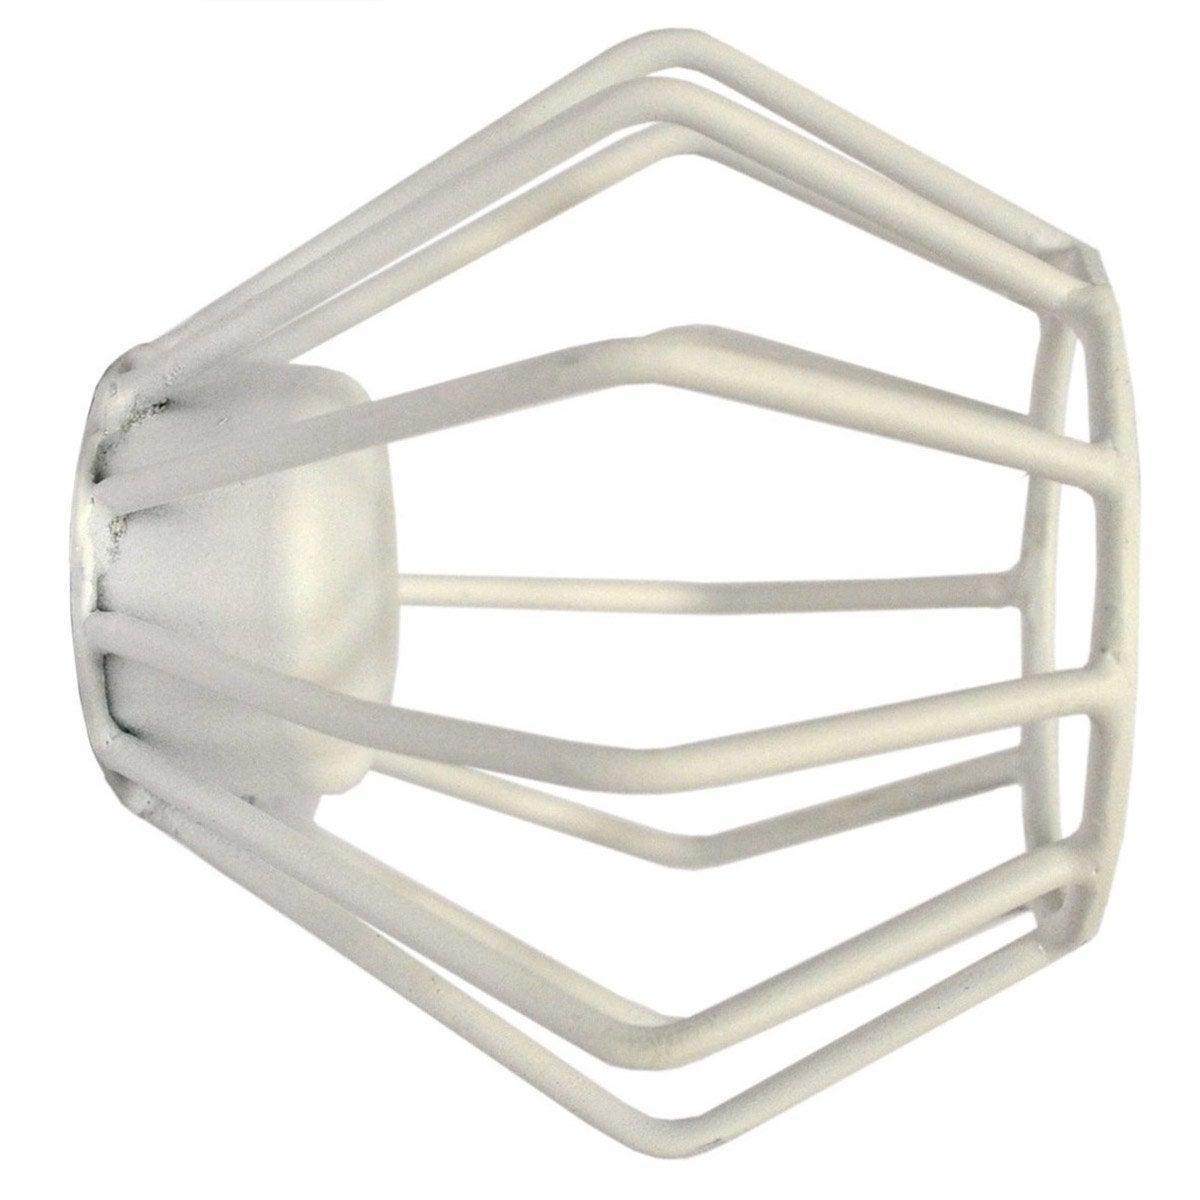 Embout INSPIRE, blanc mat, pour tringle à rideau Diam.28 mm